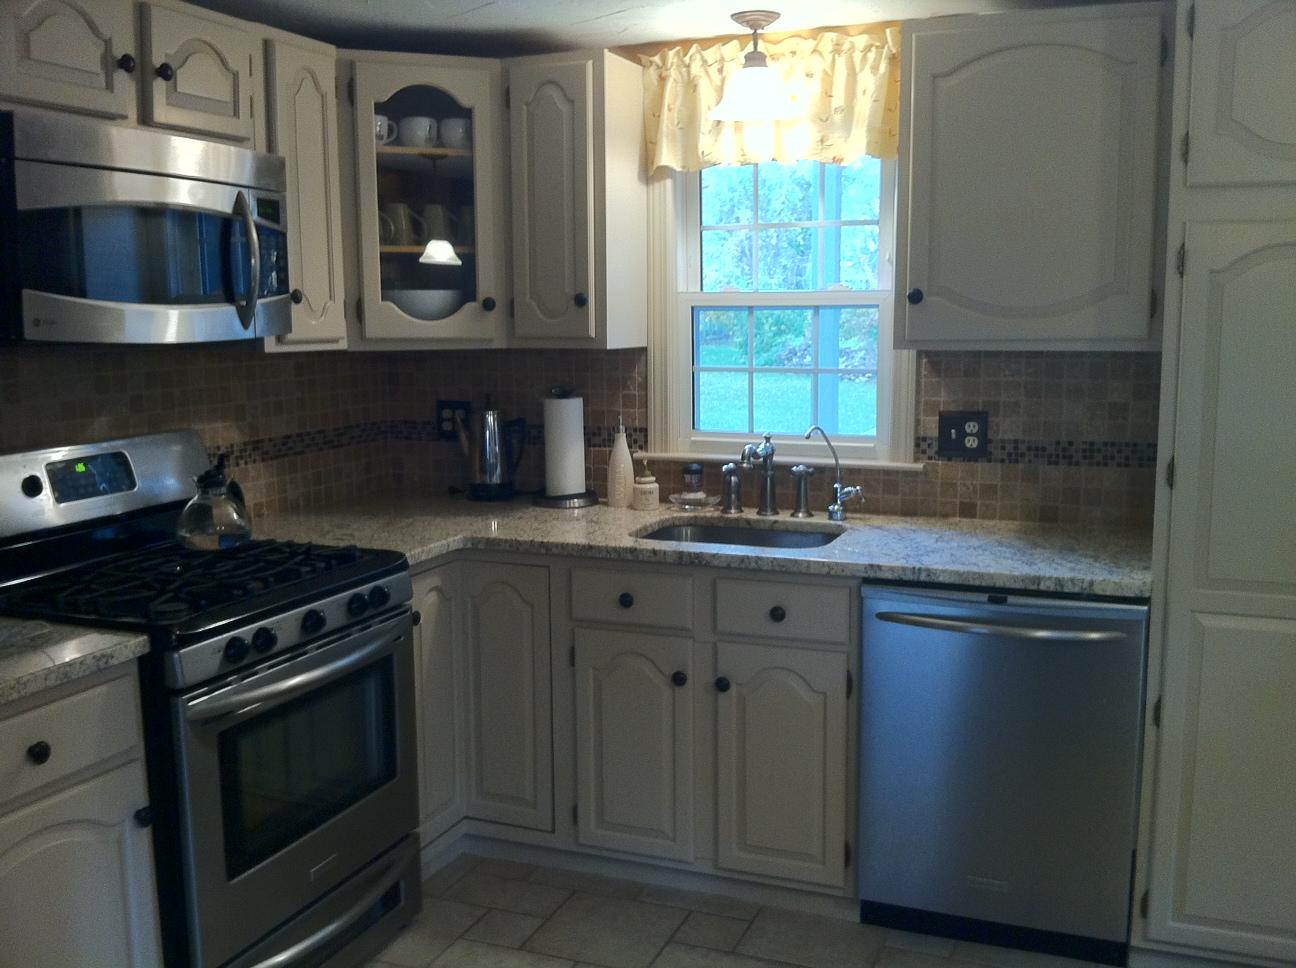 Kitchen cabinets rhode island - Kitchen Cabinet Remodeling In North Smithfield Rhode Island